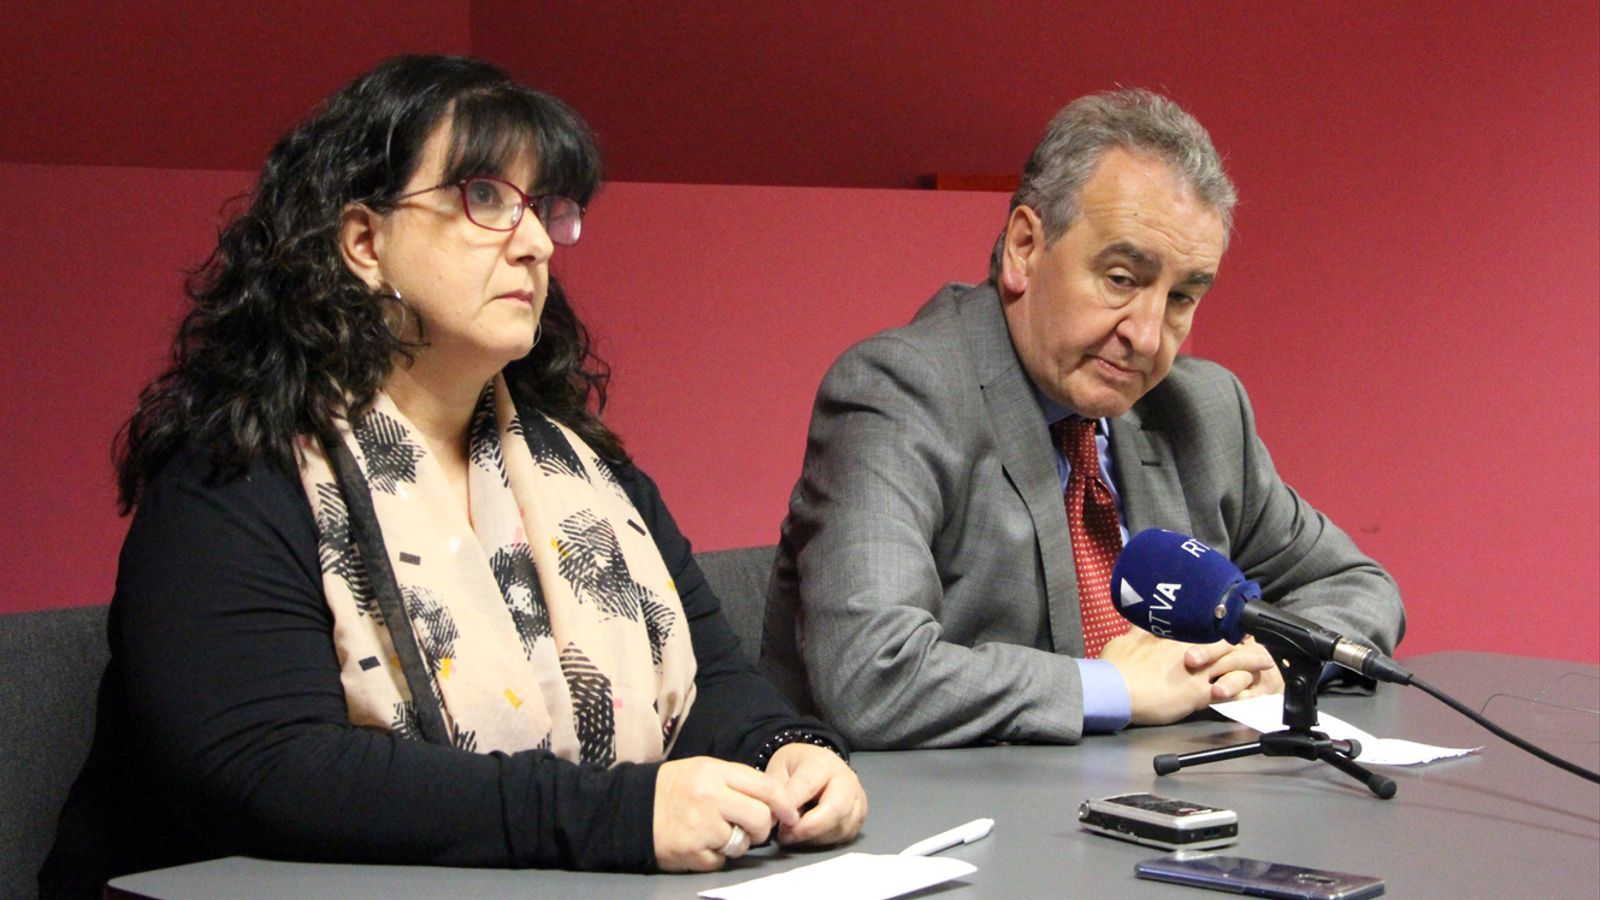 El president de Progressistes-SDP, Jaume Bartumeu, i la candidata a la llista d'En Comú Podem, Meritxell Pujol, durant la roda de premsa. / M. P.